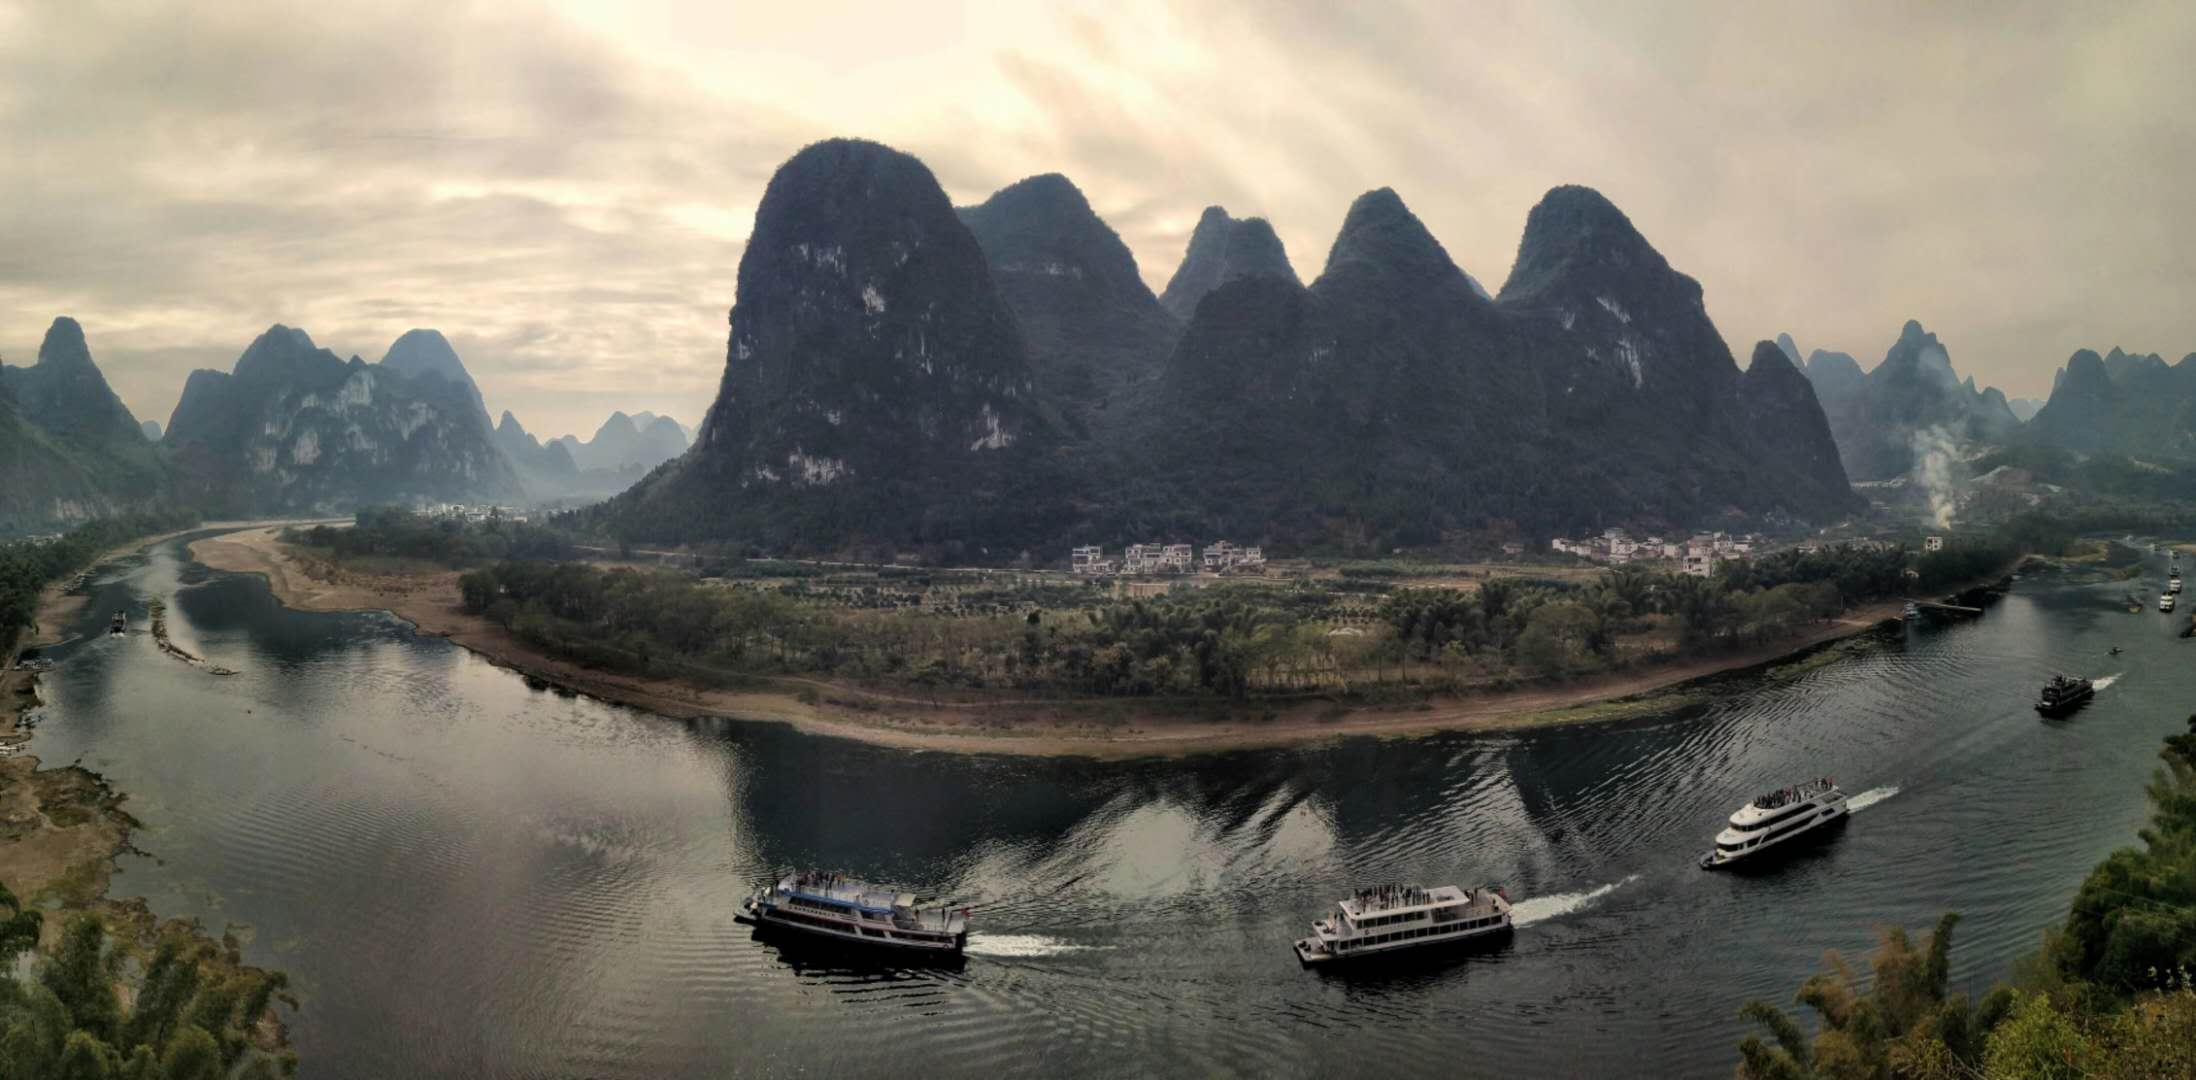 20元人民幣景點在興坪鎮,也就是漓江景區,你得從桂林走磨盤山大道經